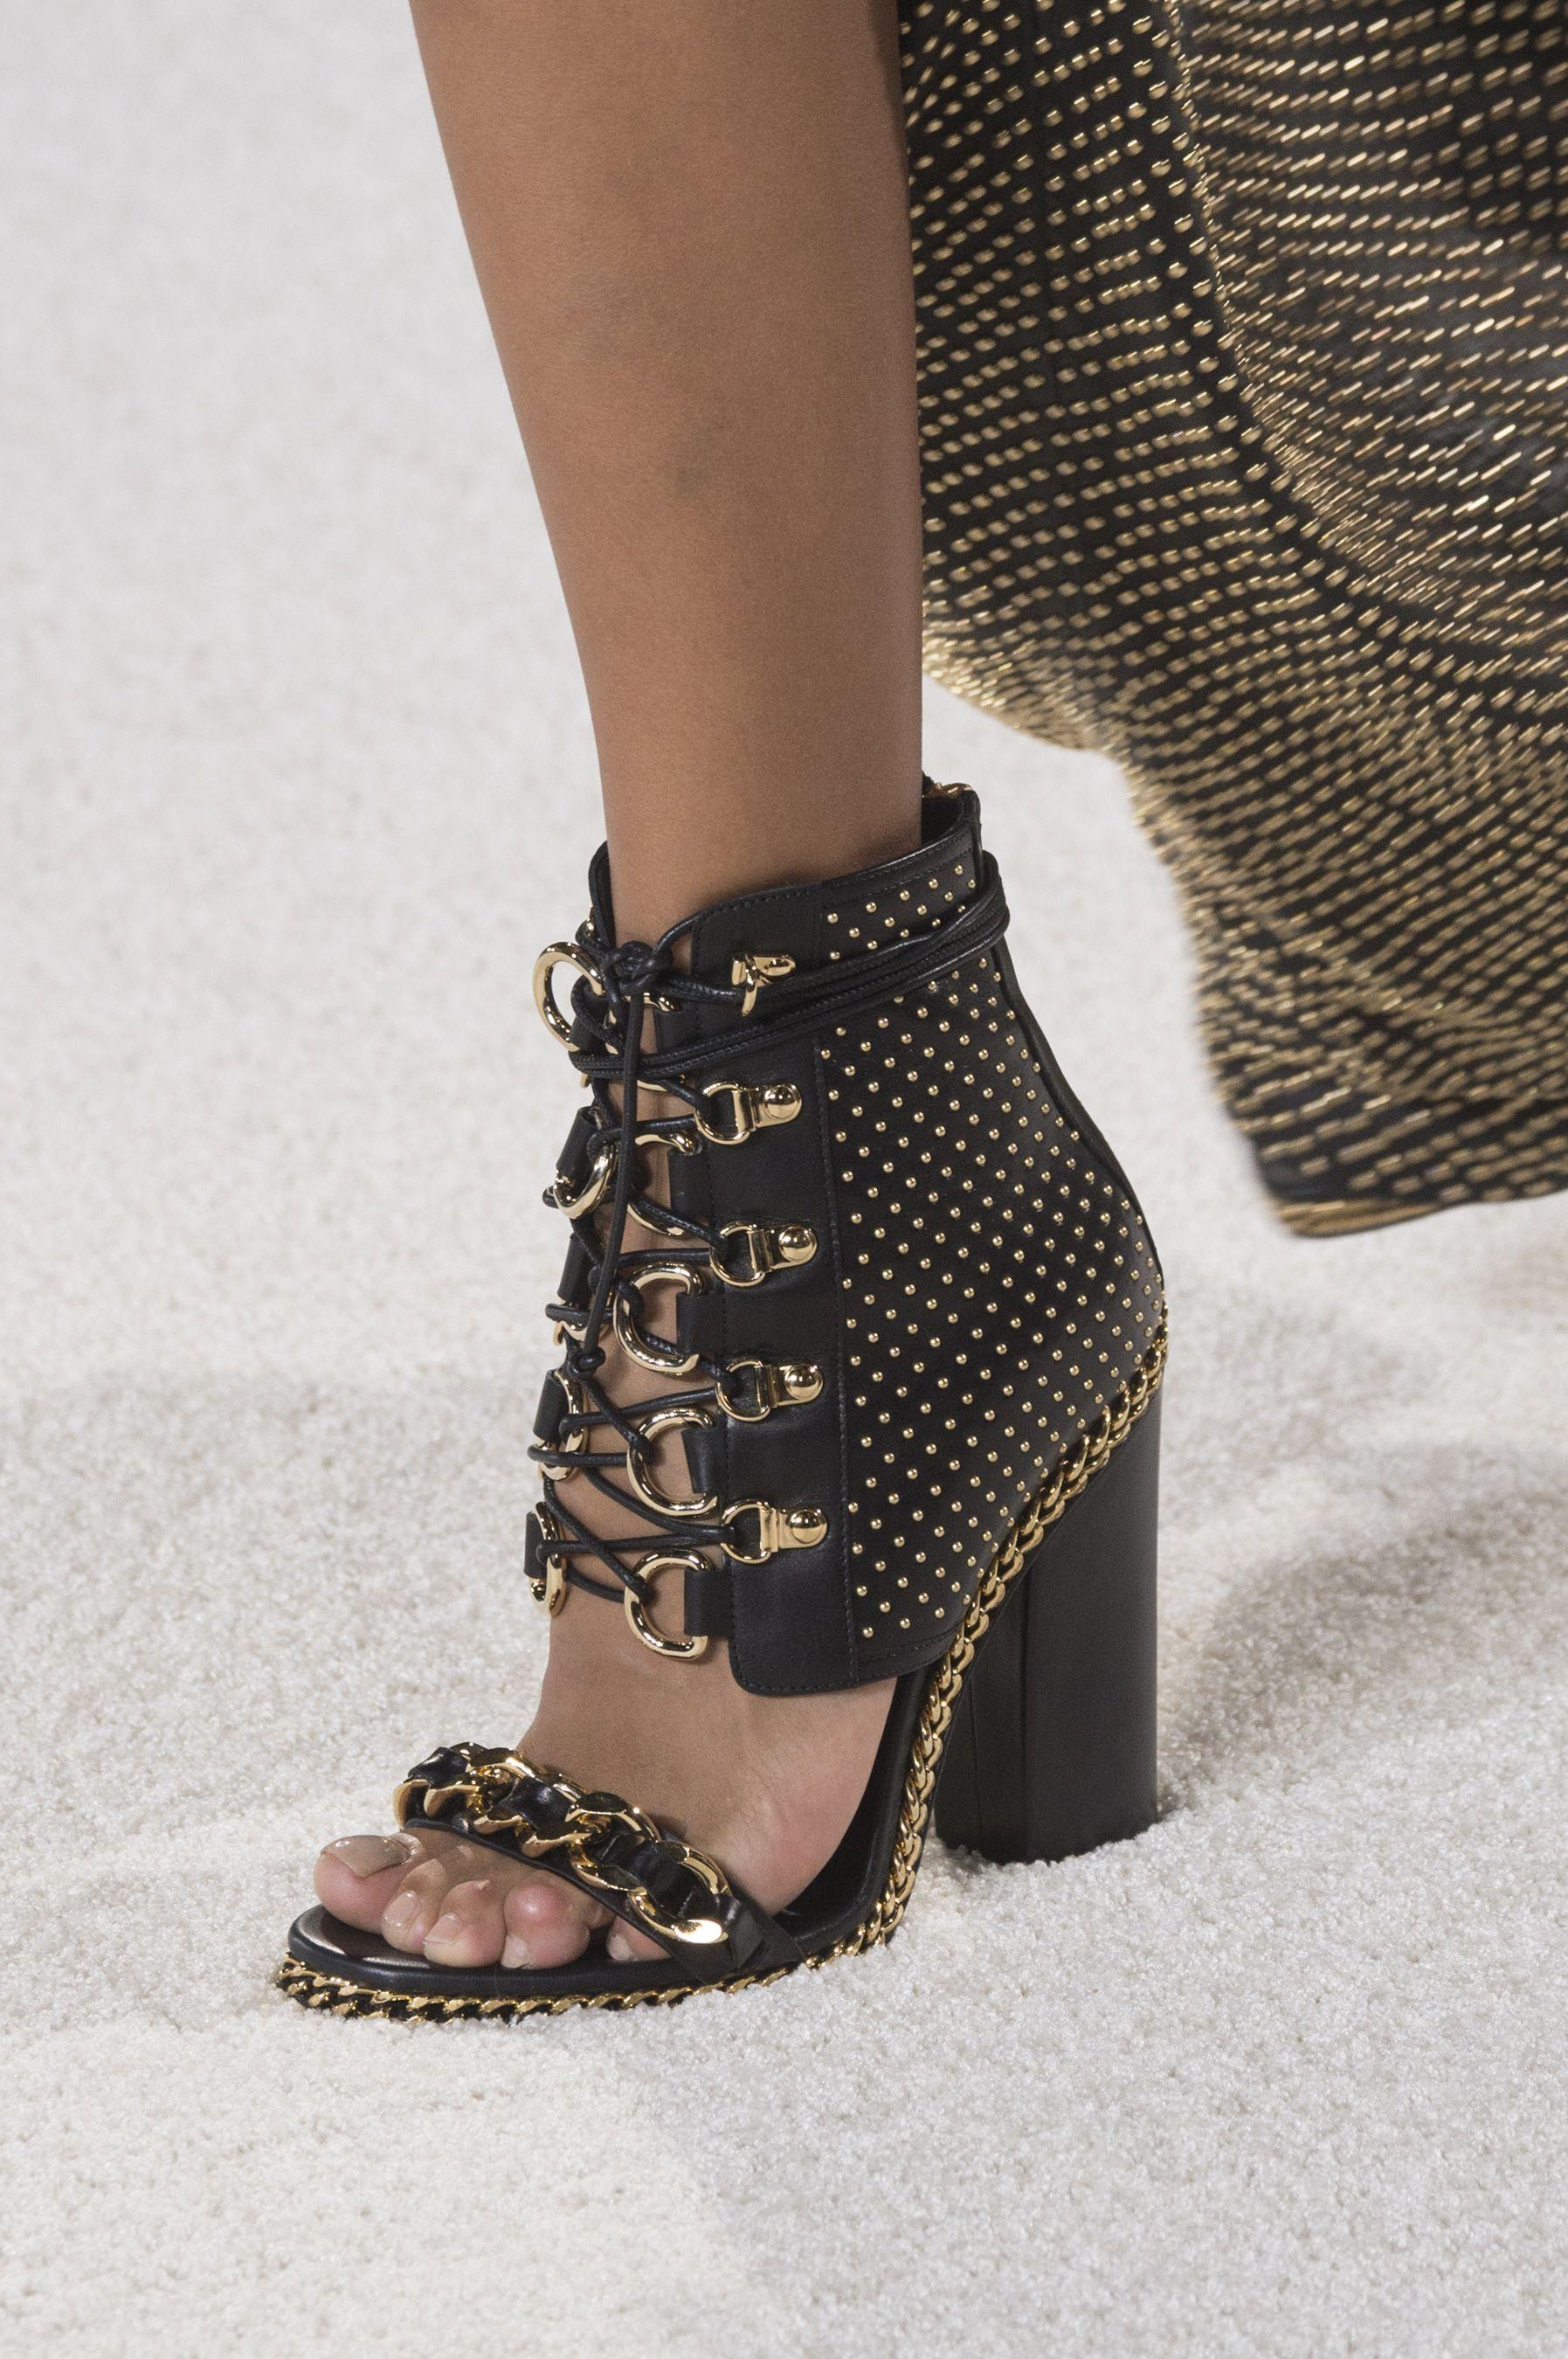 footweear designs